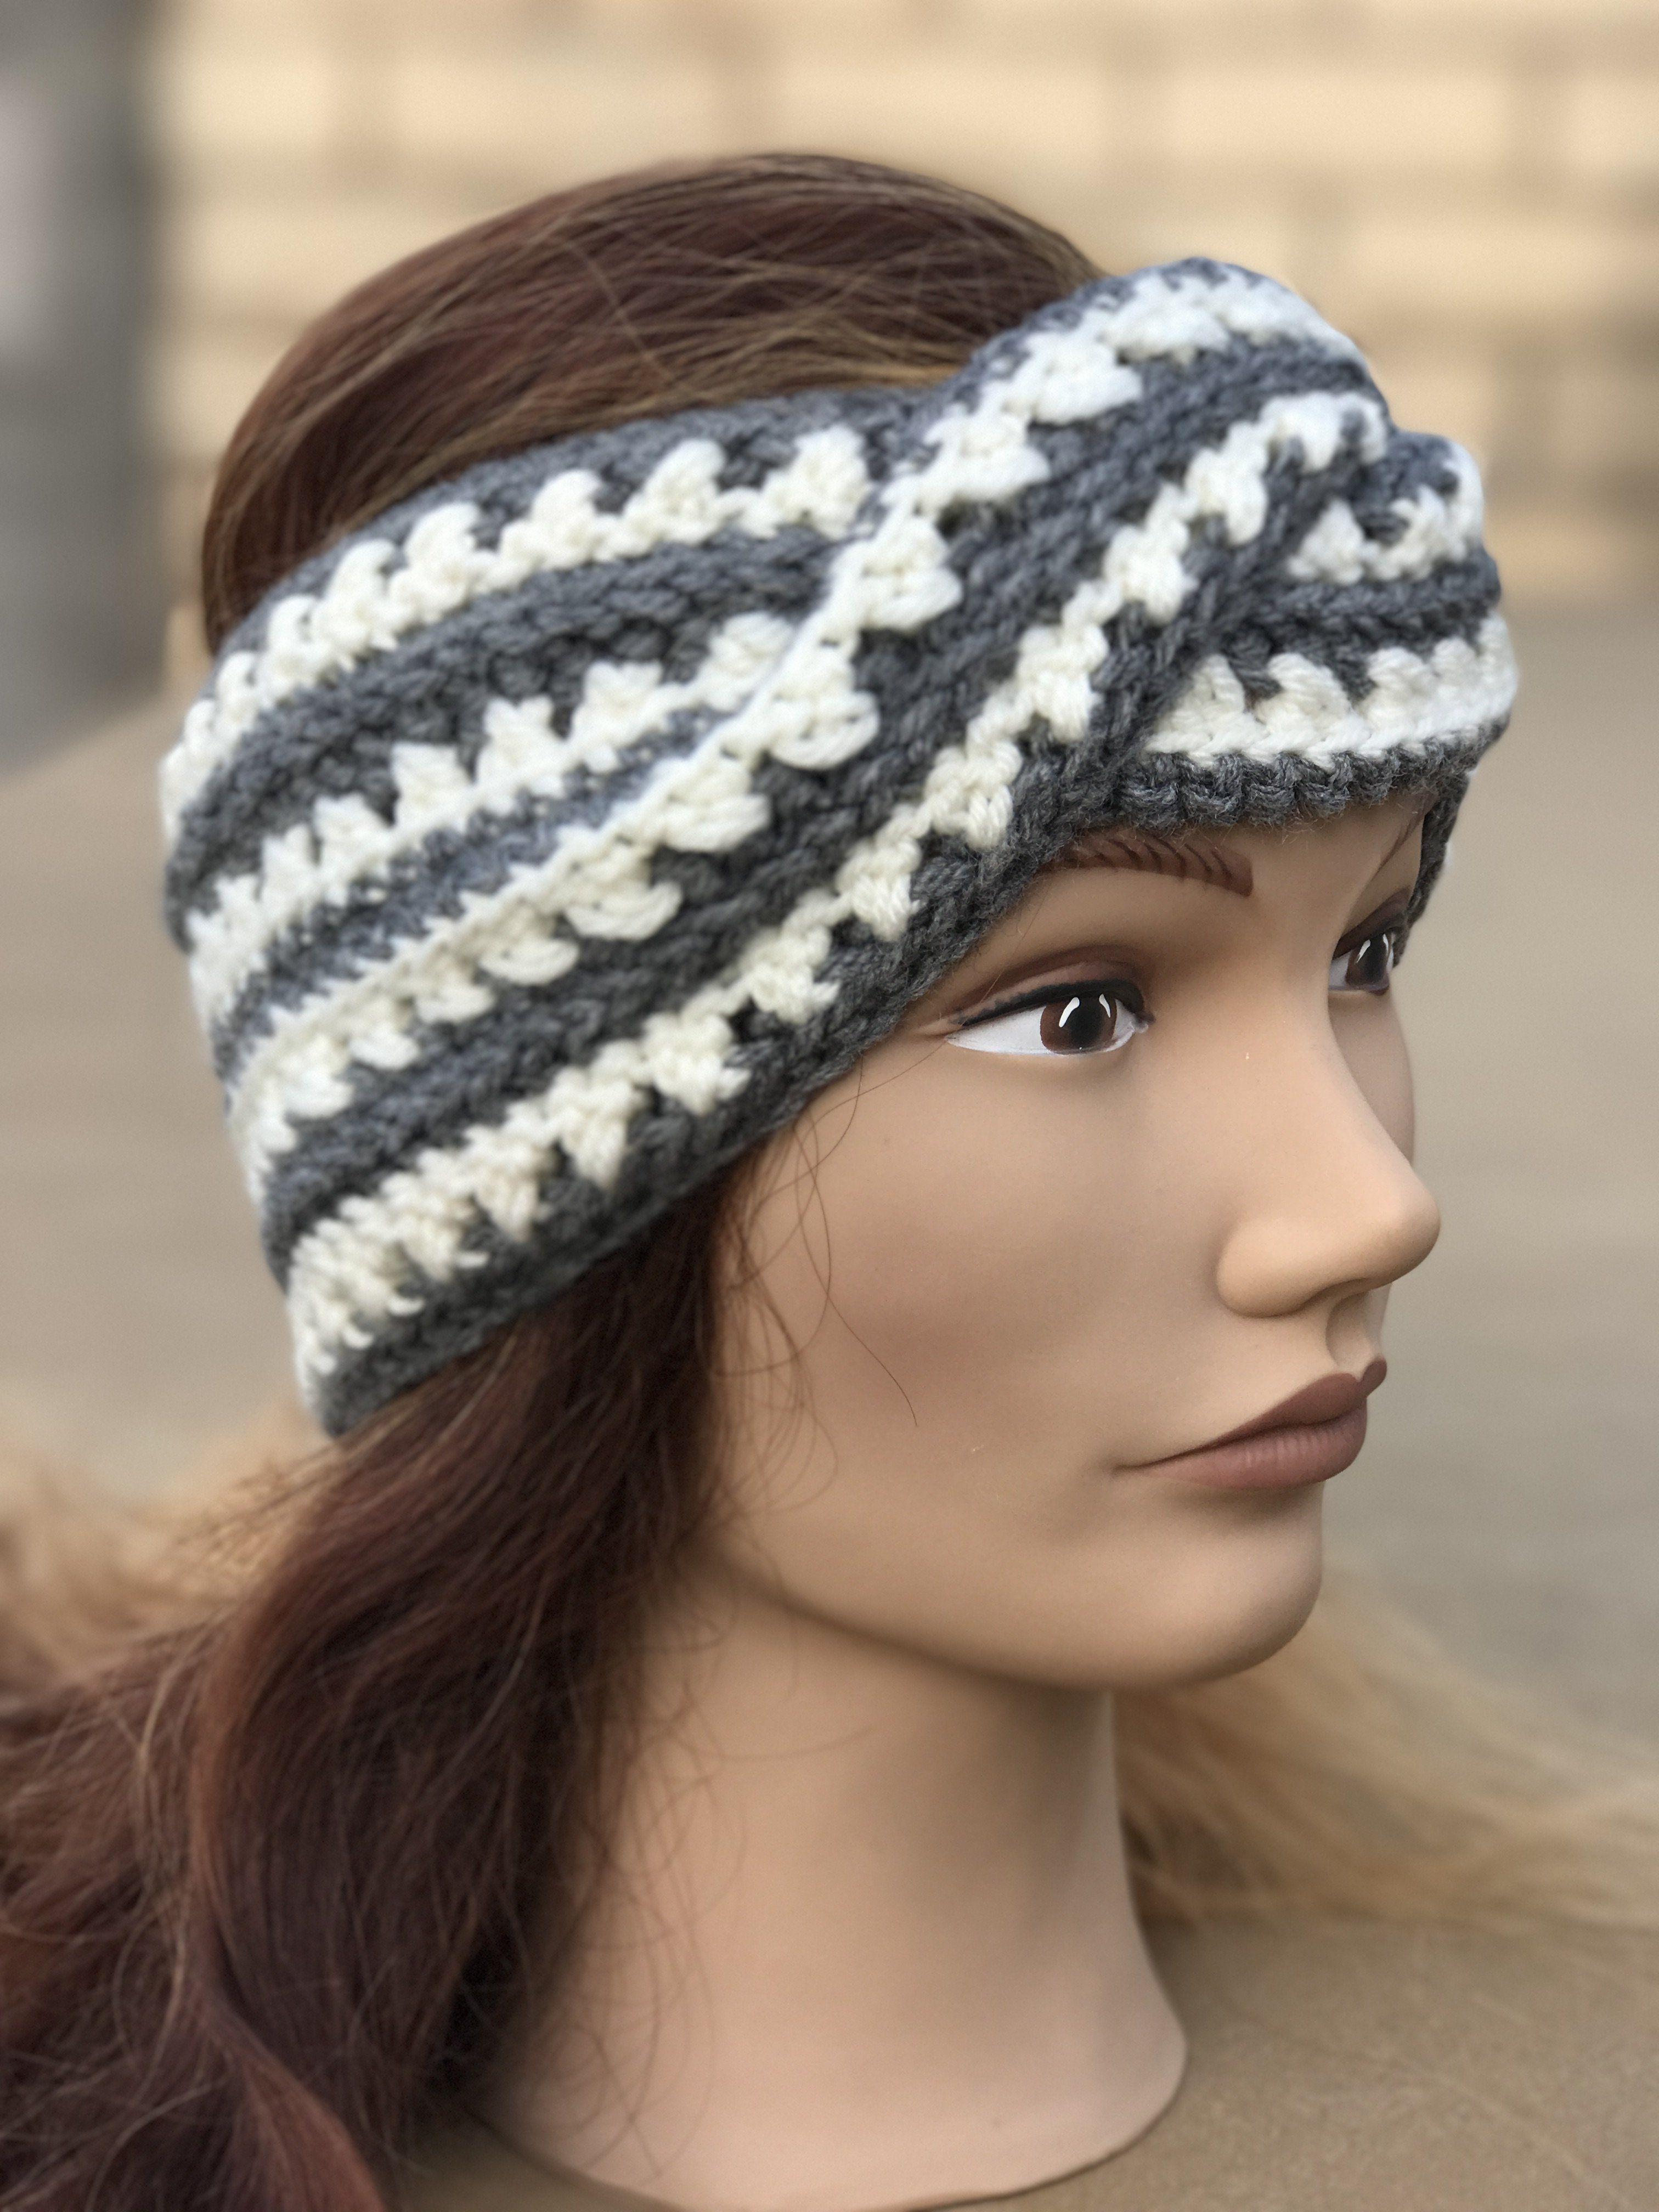 Ear Warmers-Twisted, Crocheted | Crochet | Pinterest | Ear warmers ...